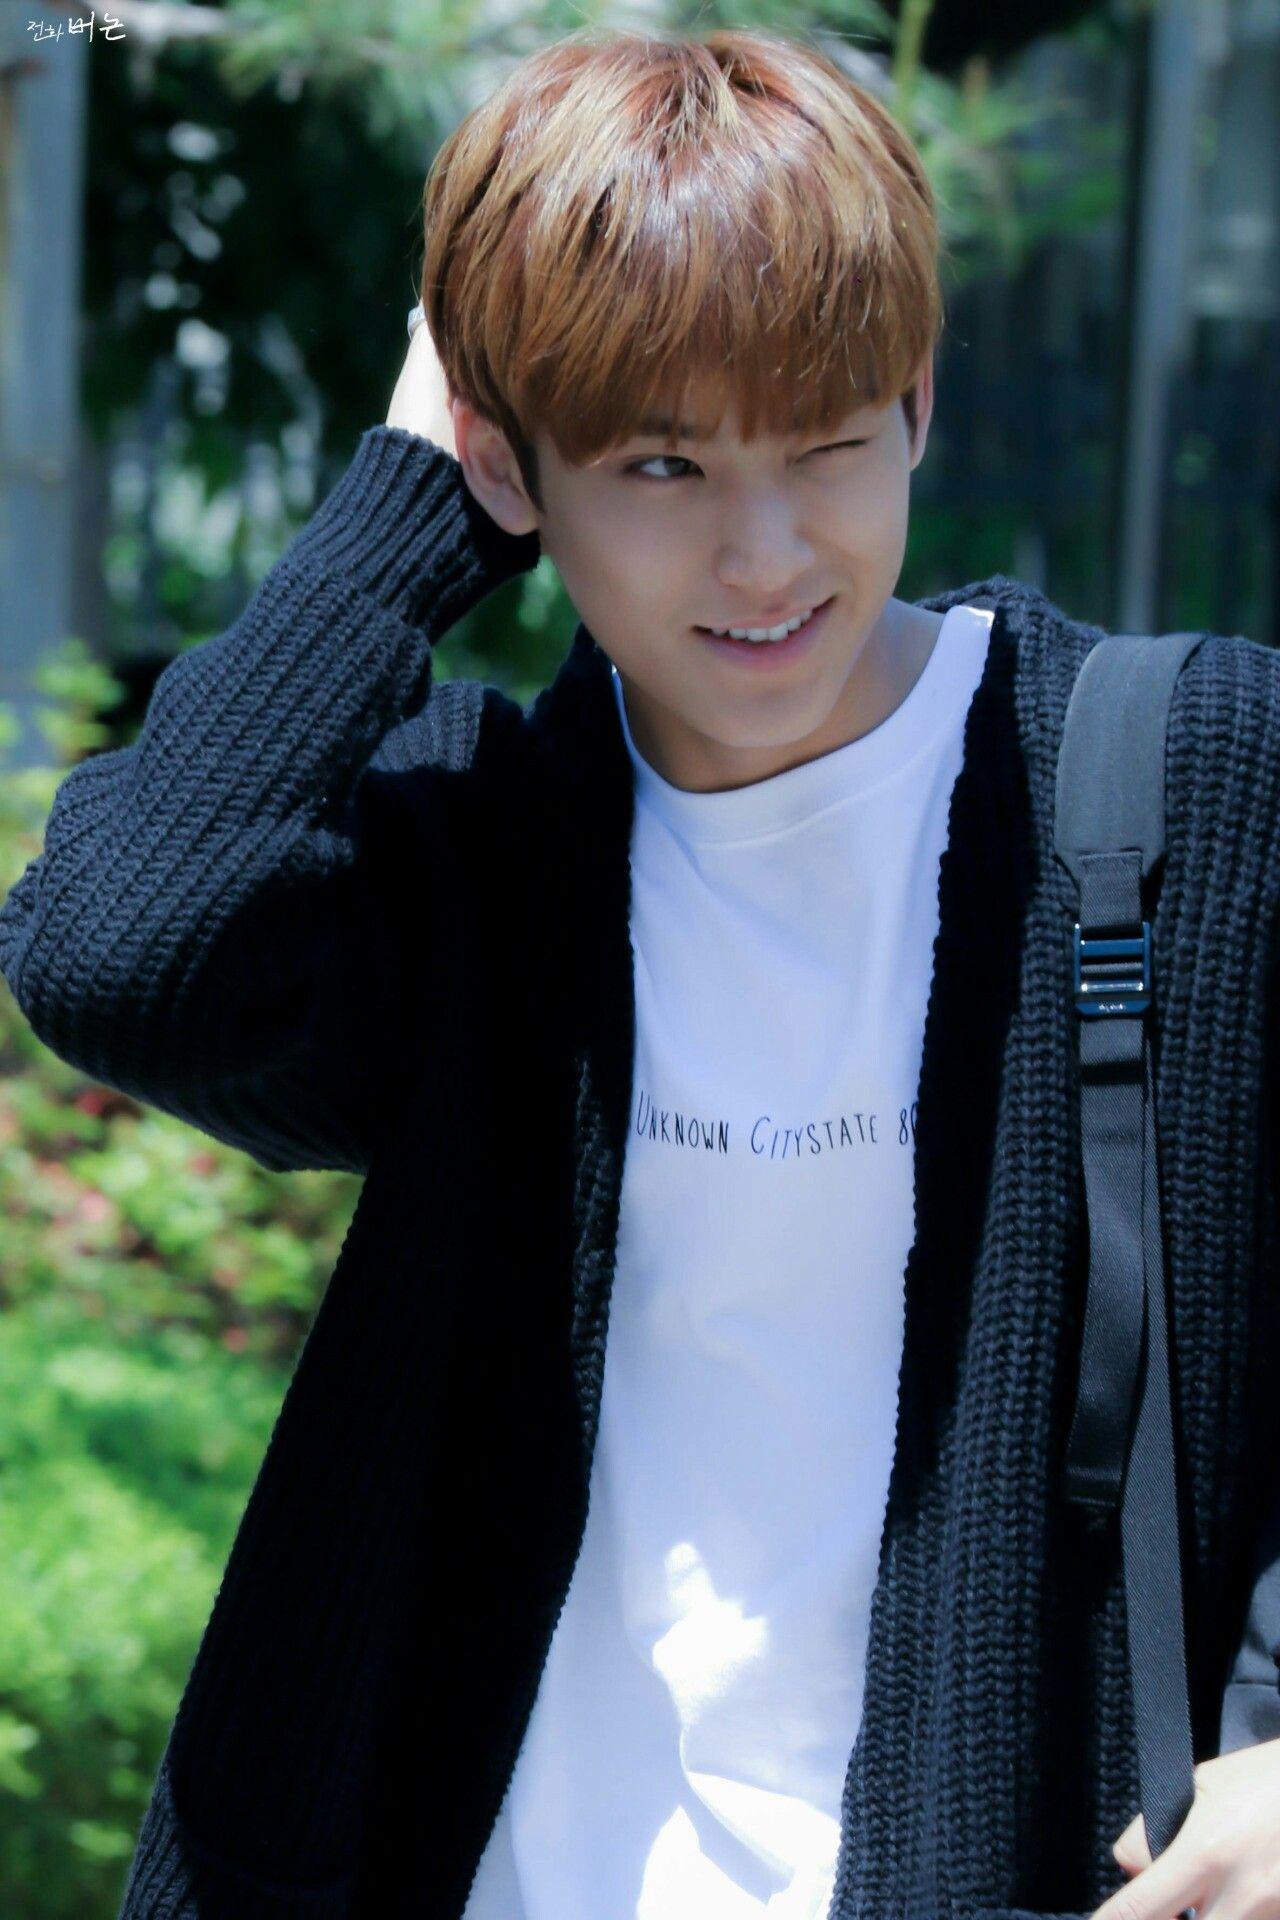 He looks like a real life anime boy pure perfection